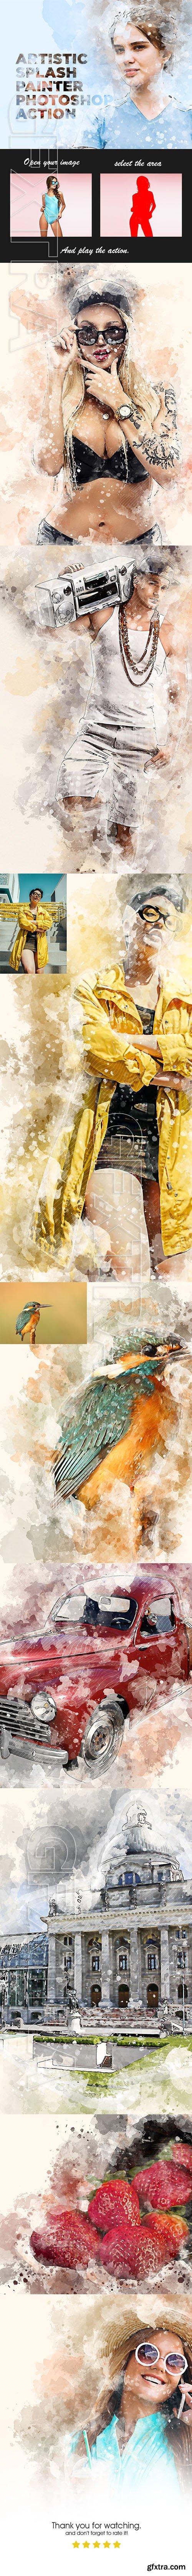 GraphicRiver - Artistic Splash Painter Photoshop Action 23842922